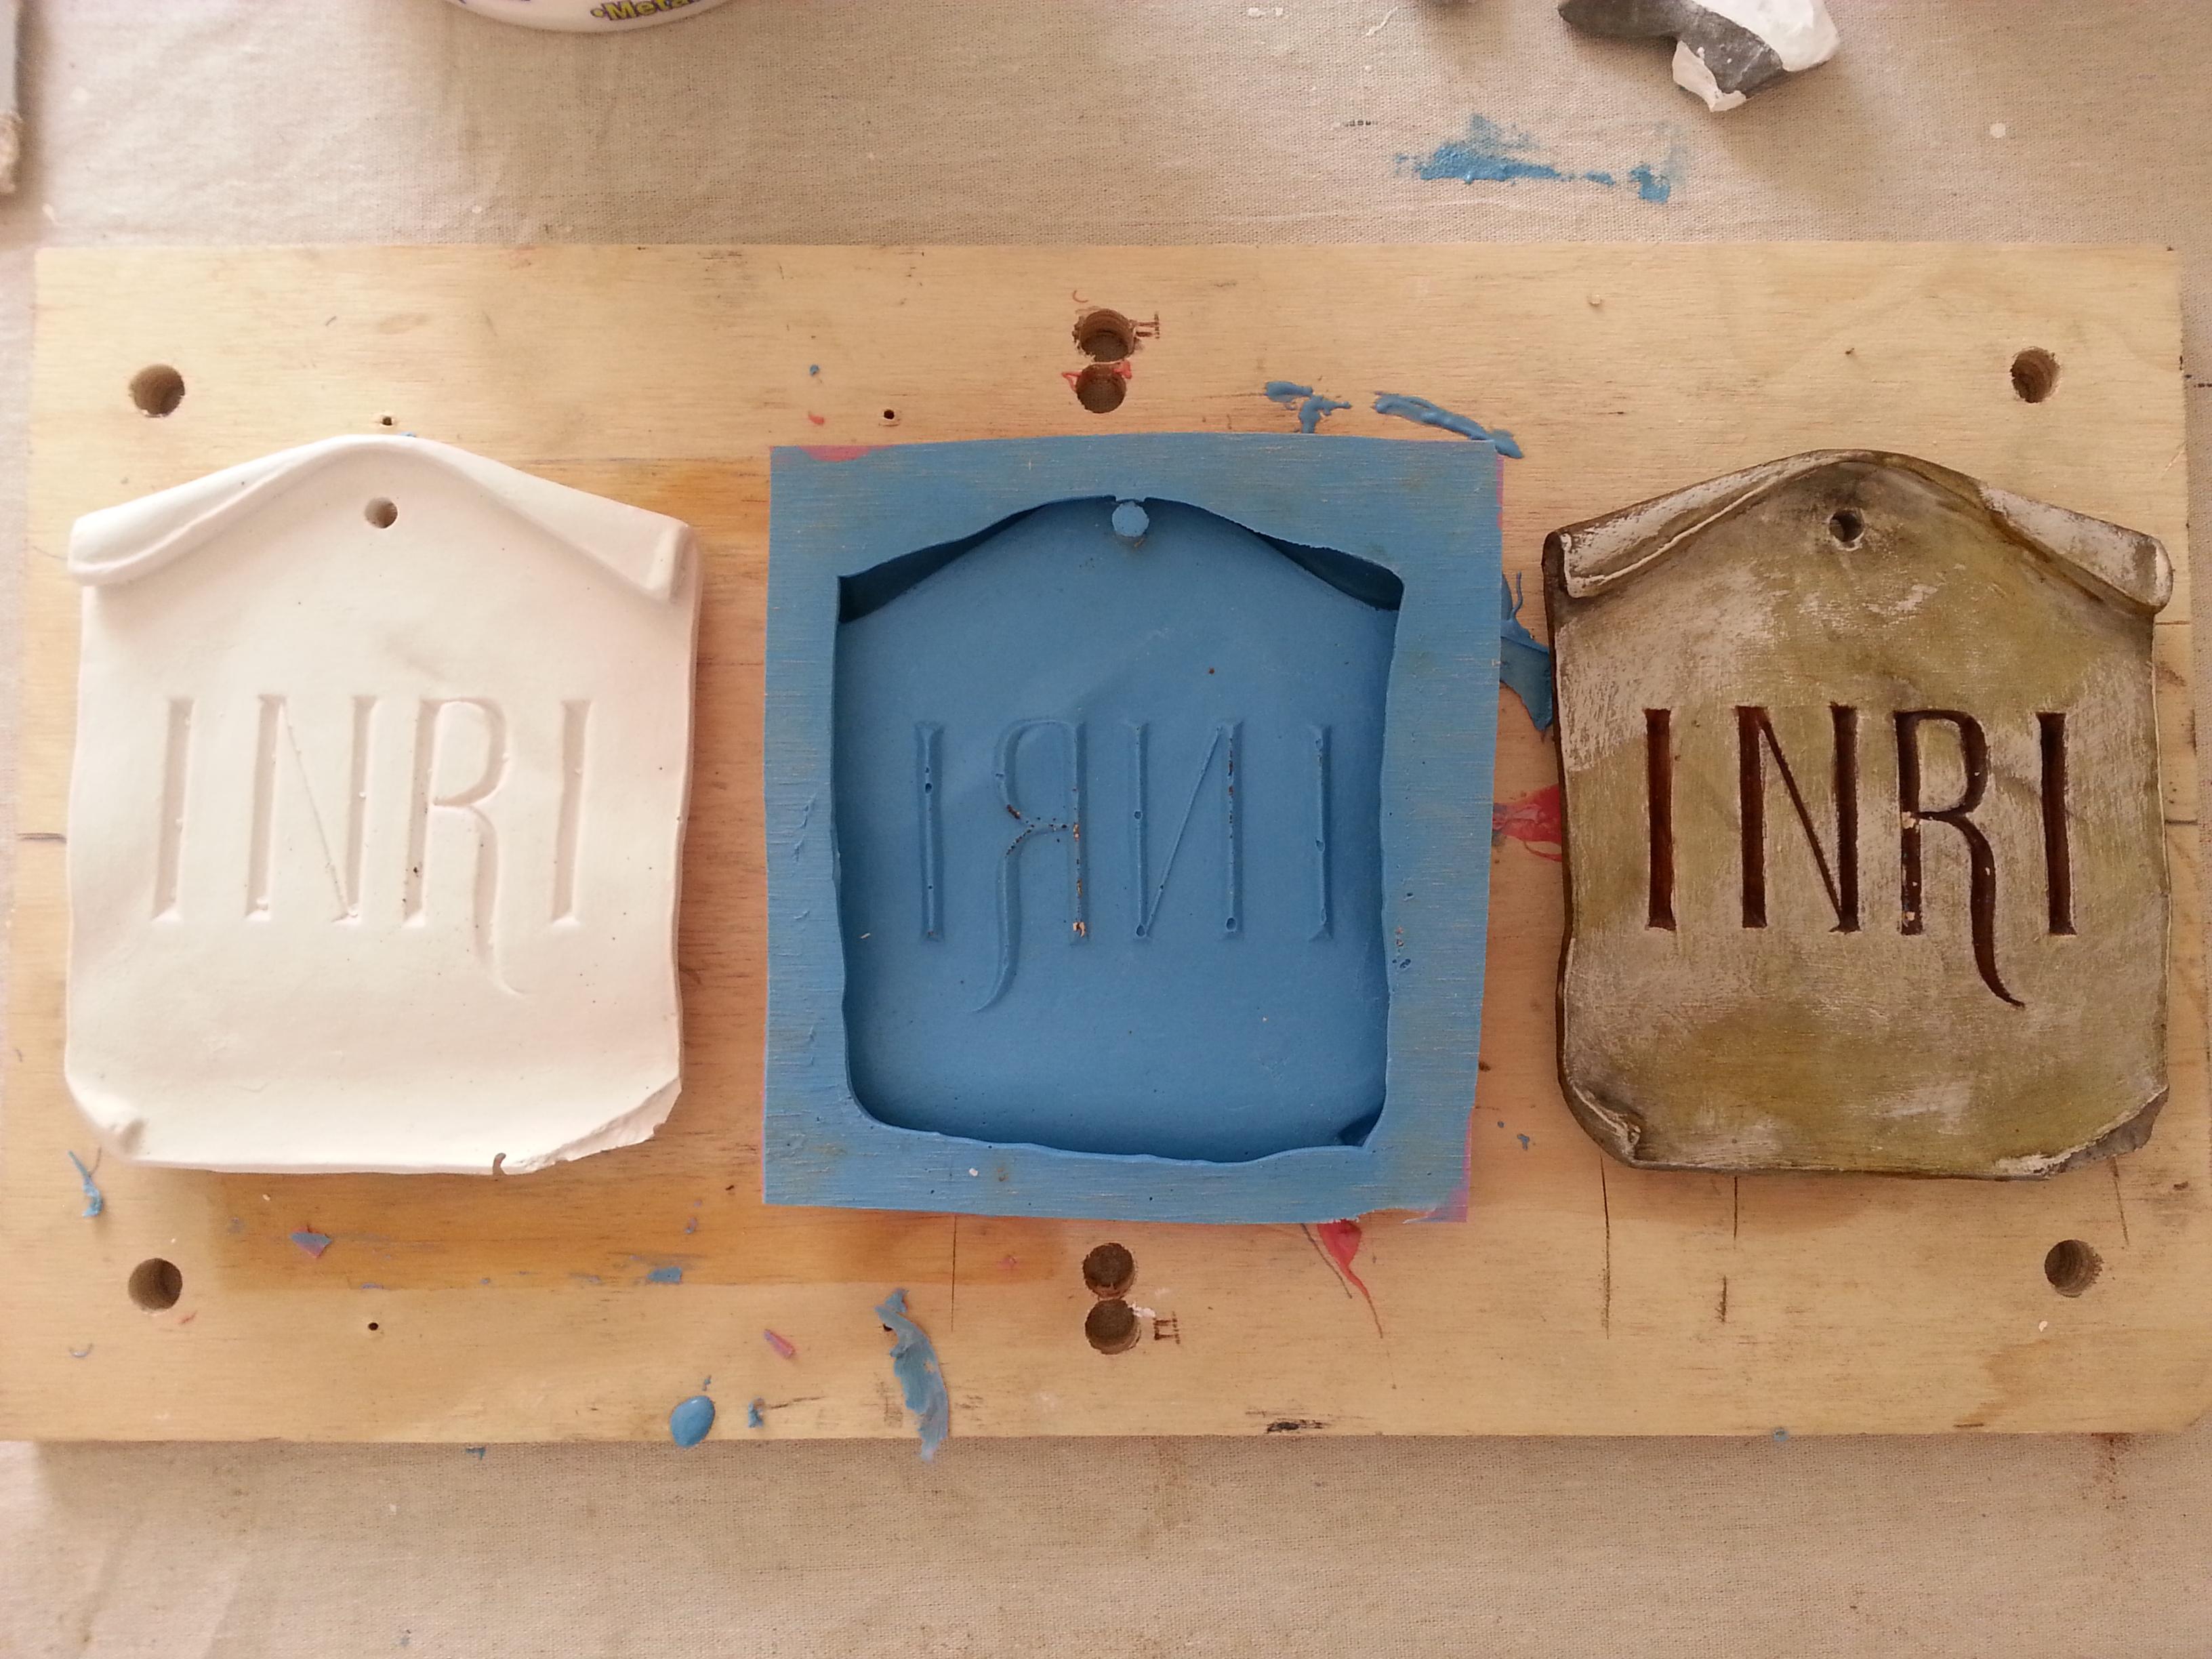 FPDR plaster cast